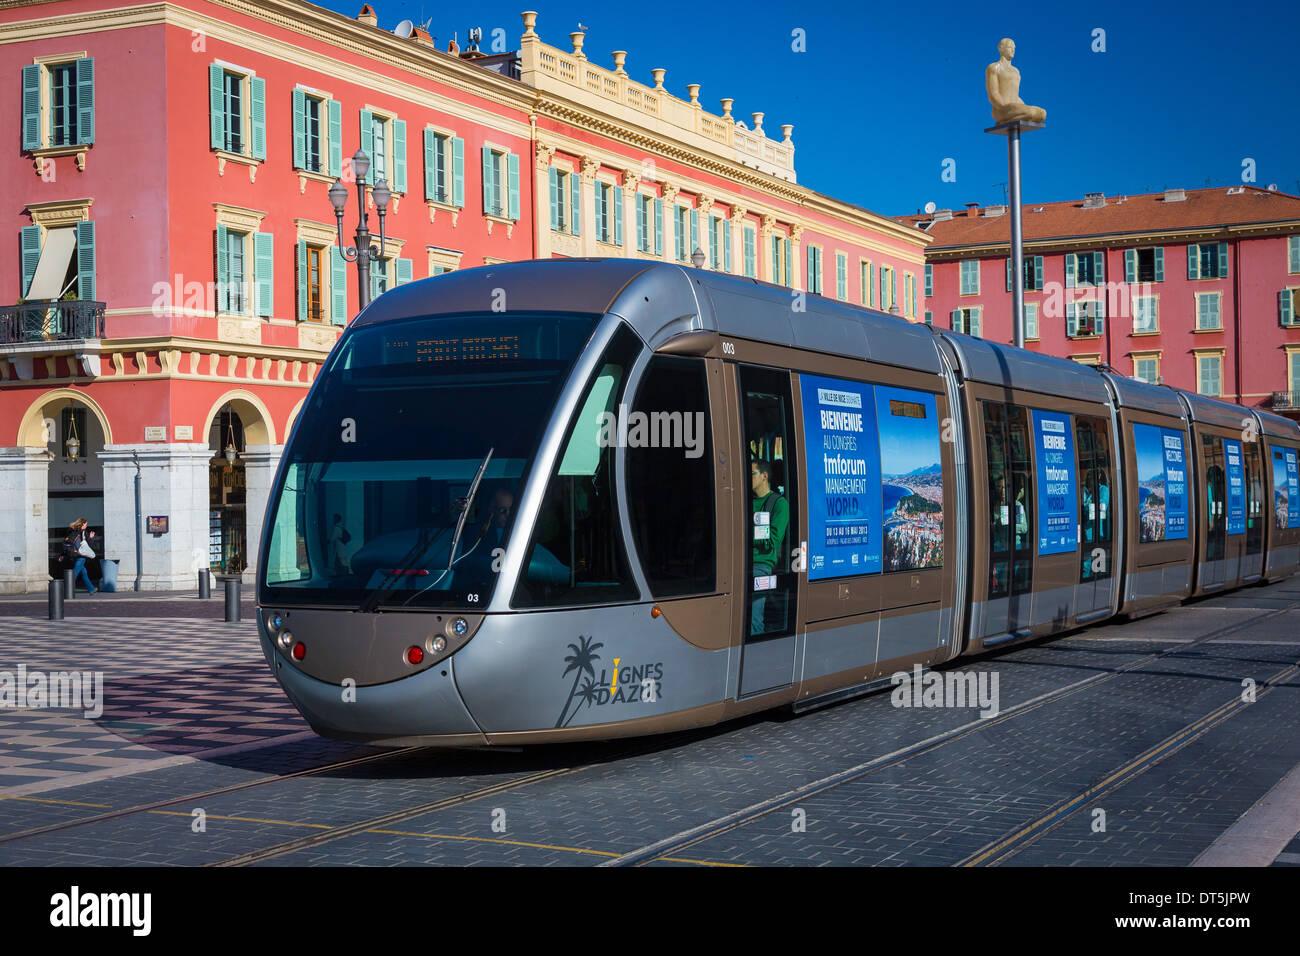 Le tramway de Nice est un réseau de tramway de 8.7km rail dans Nice, France Photo Stock